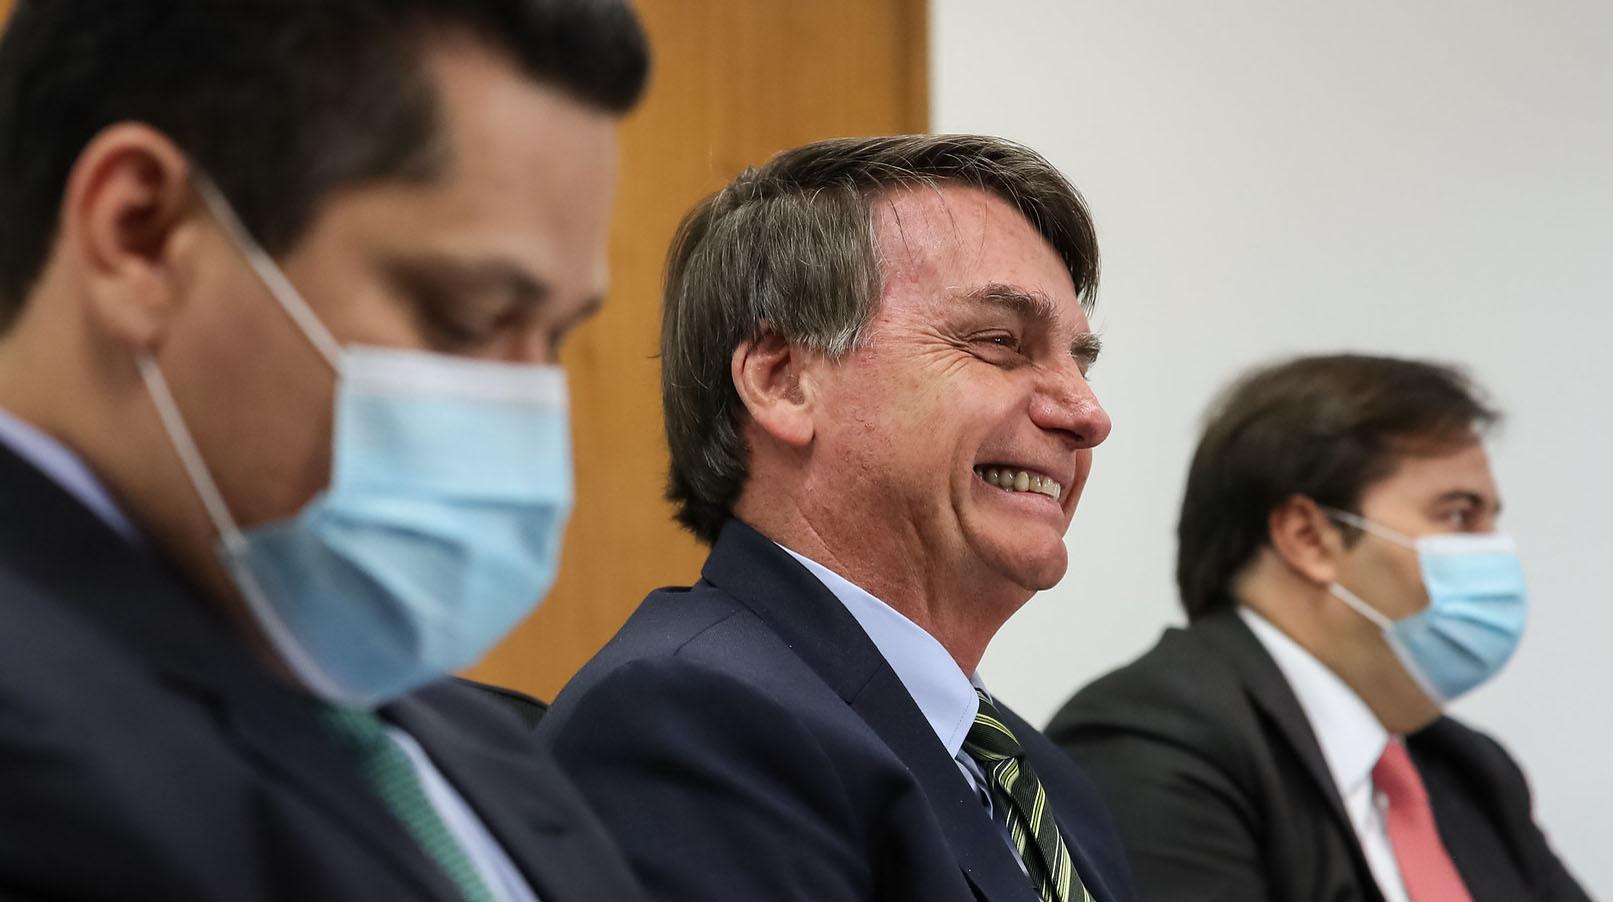 20.05.2020 - Brasília/DF - O presidente Jair Bolsonaro durante videoconferência com Governadores dos Estados. Foto: Marcos Corrêa/PR